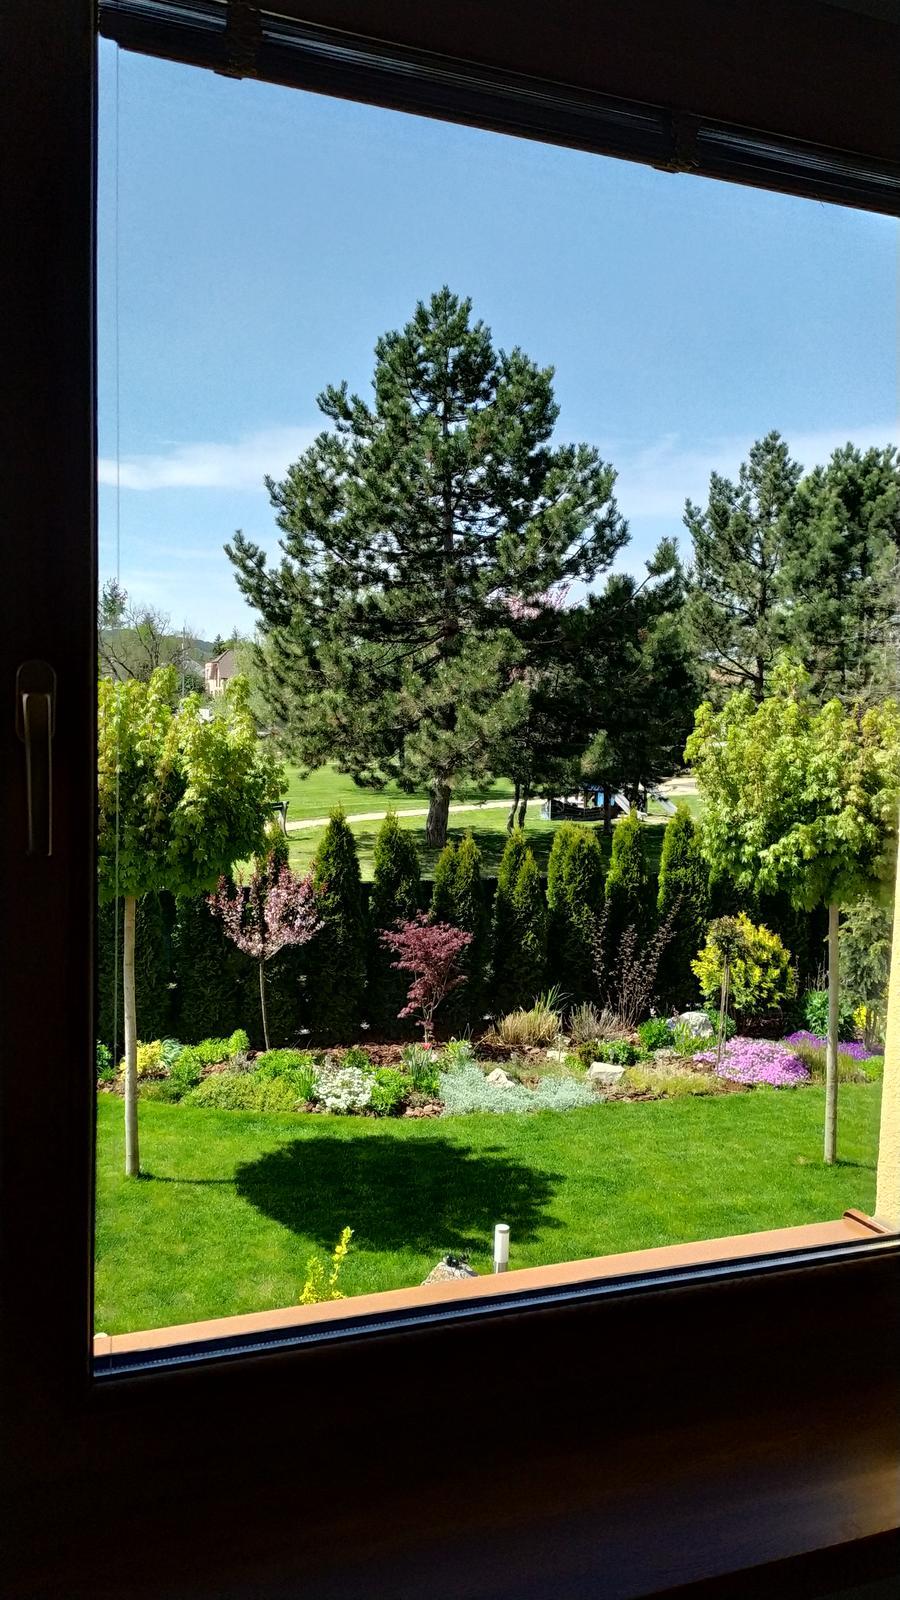 2021 - Pohľad cez obývačkove okno 🥰. Ešte to len vylieza zo zeme, ale aspoň floxy to tam oživia